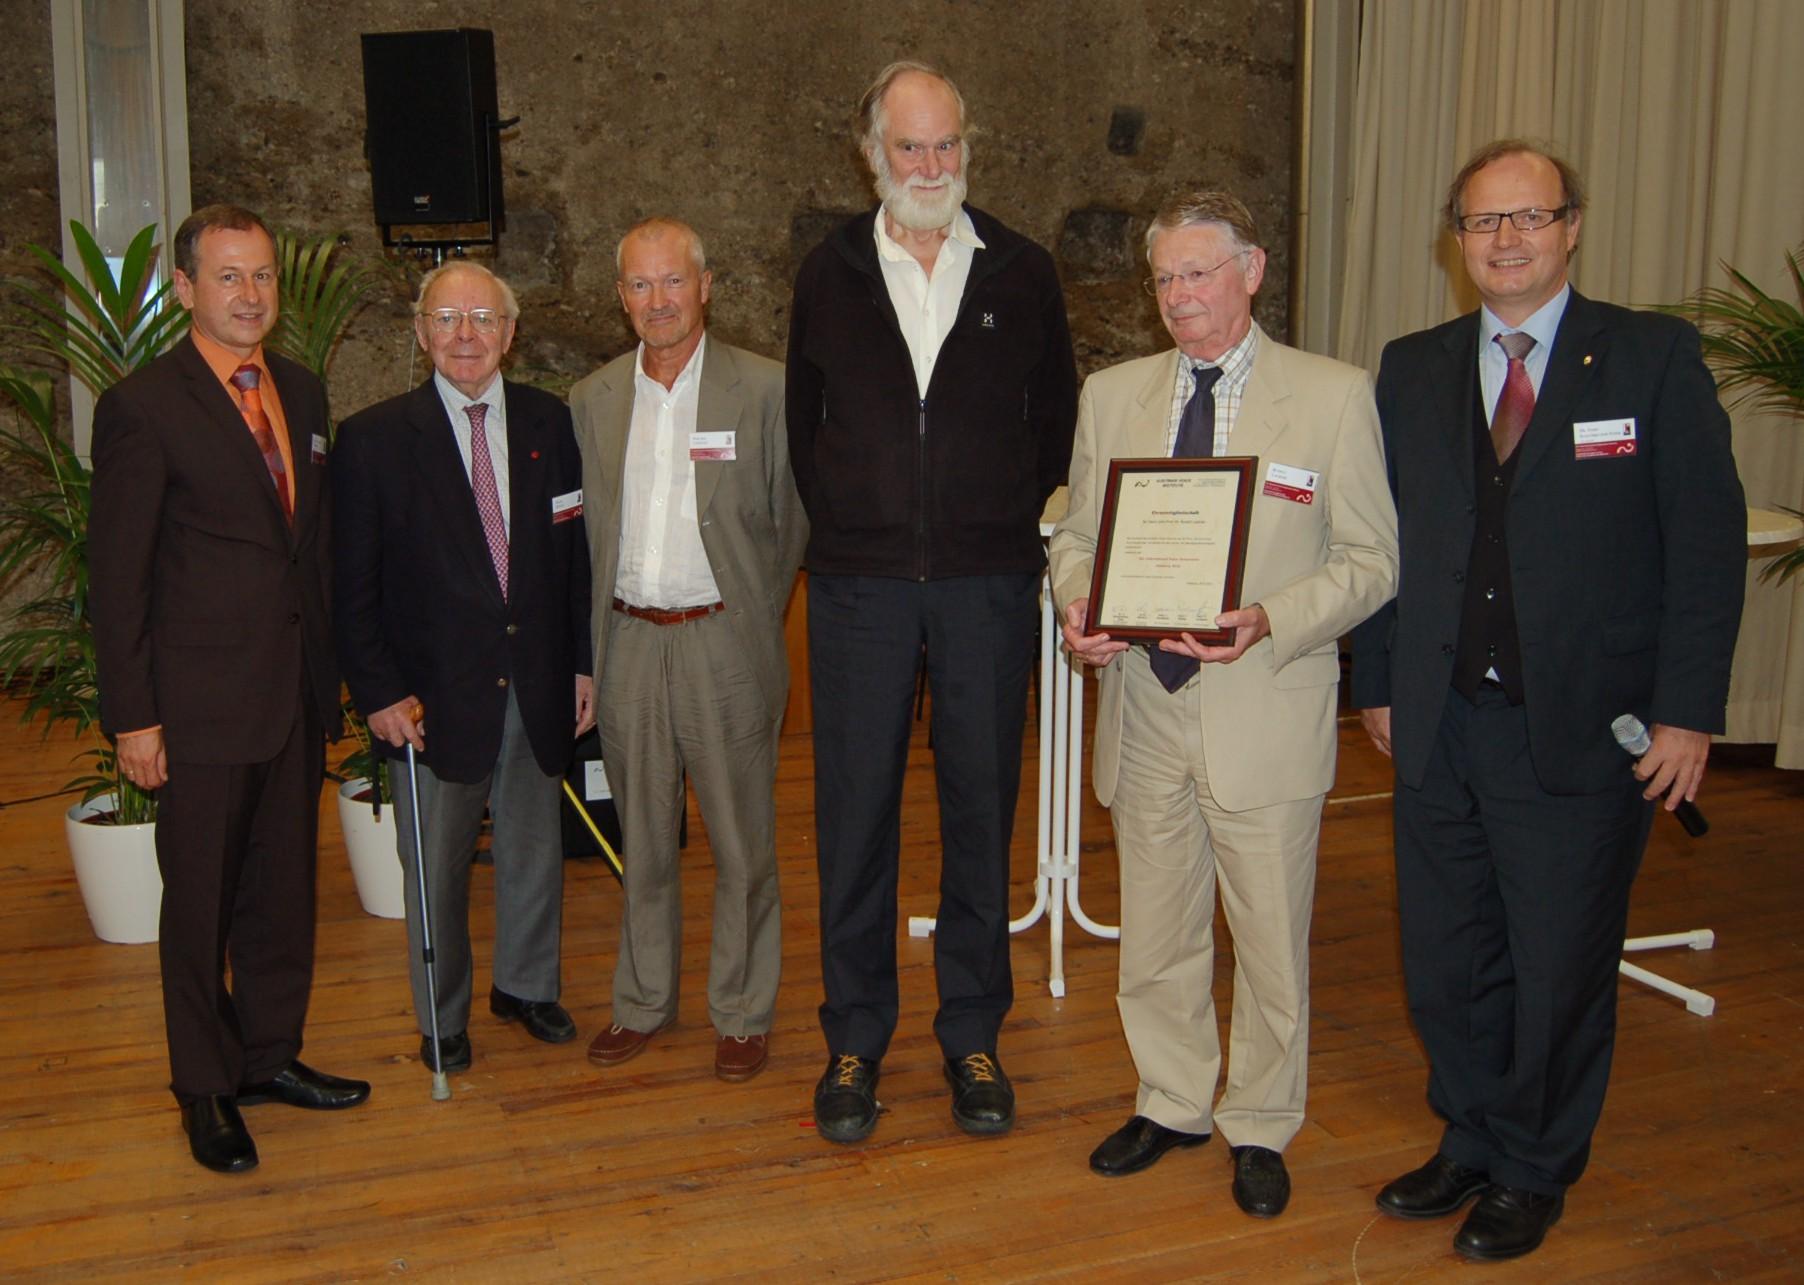 von li. nach re.: Tropper, Muhar, Lindestadt, Sundberg, Lackner, Schlömicher